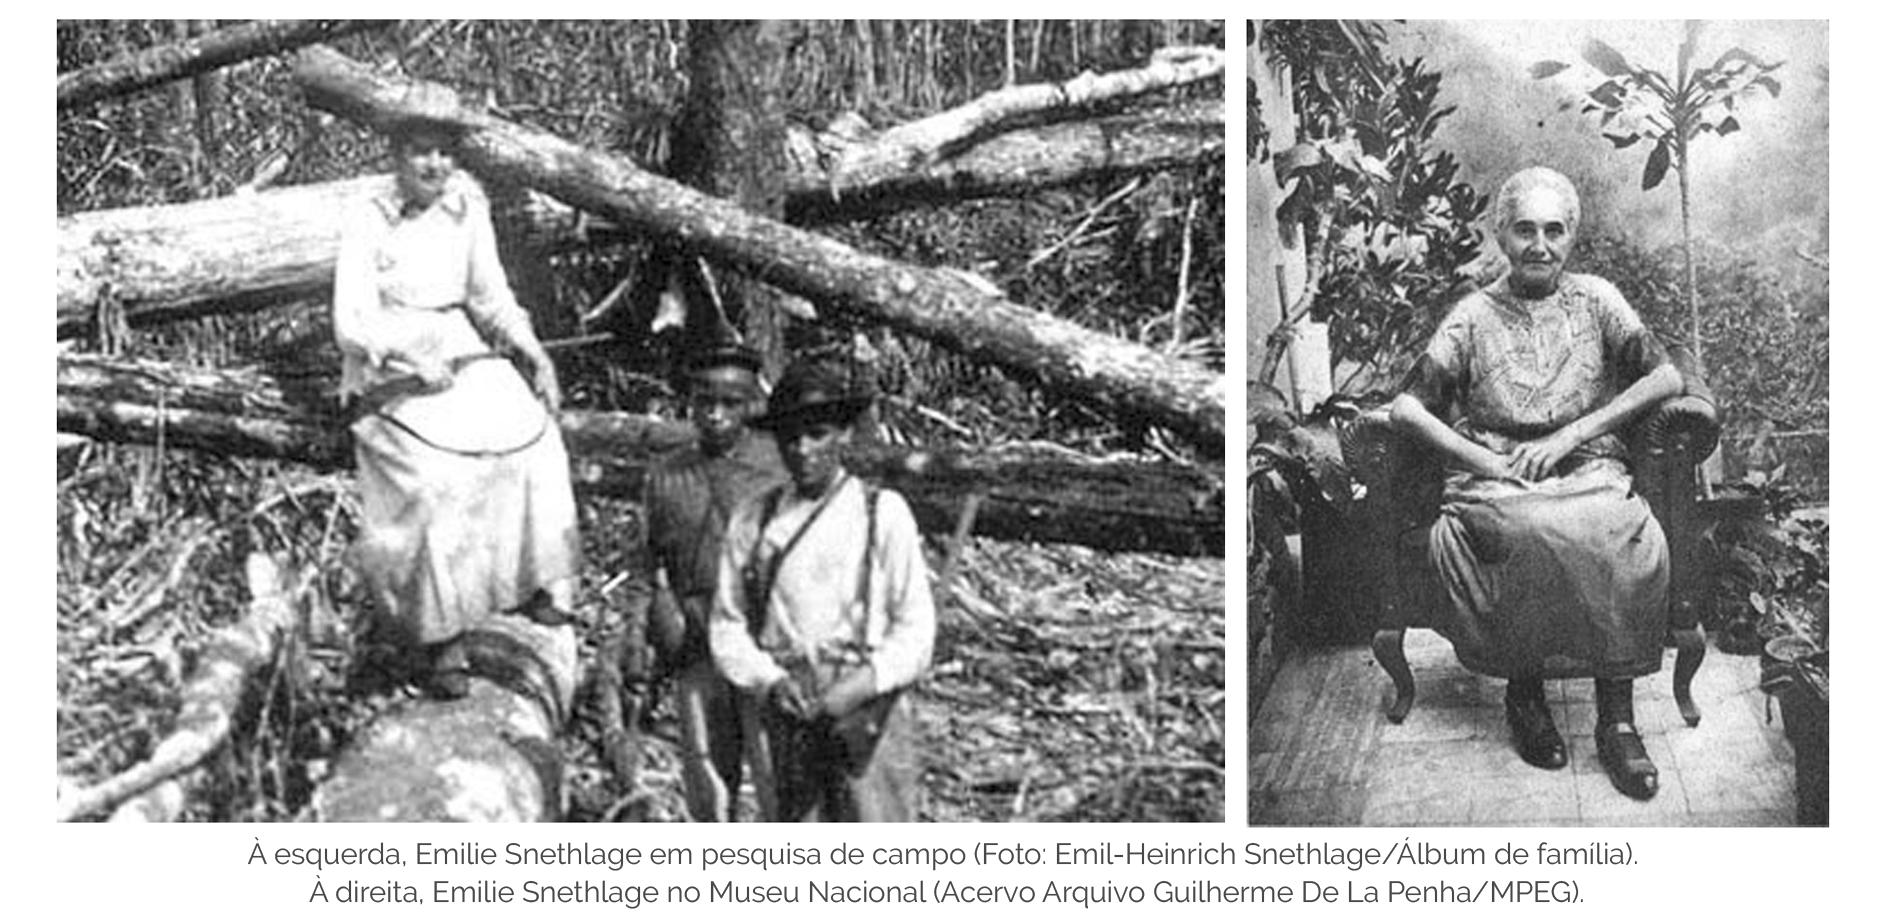 À esquerda, Emilie Snethlage em pesquisa de campo (Foto: Emil-Heinrich Snethlage/Álbum de família). À direita, Emilie Snethlage no Museu Nacional (Acervo Arquivo Guilherme De La Penha/MPEG).